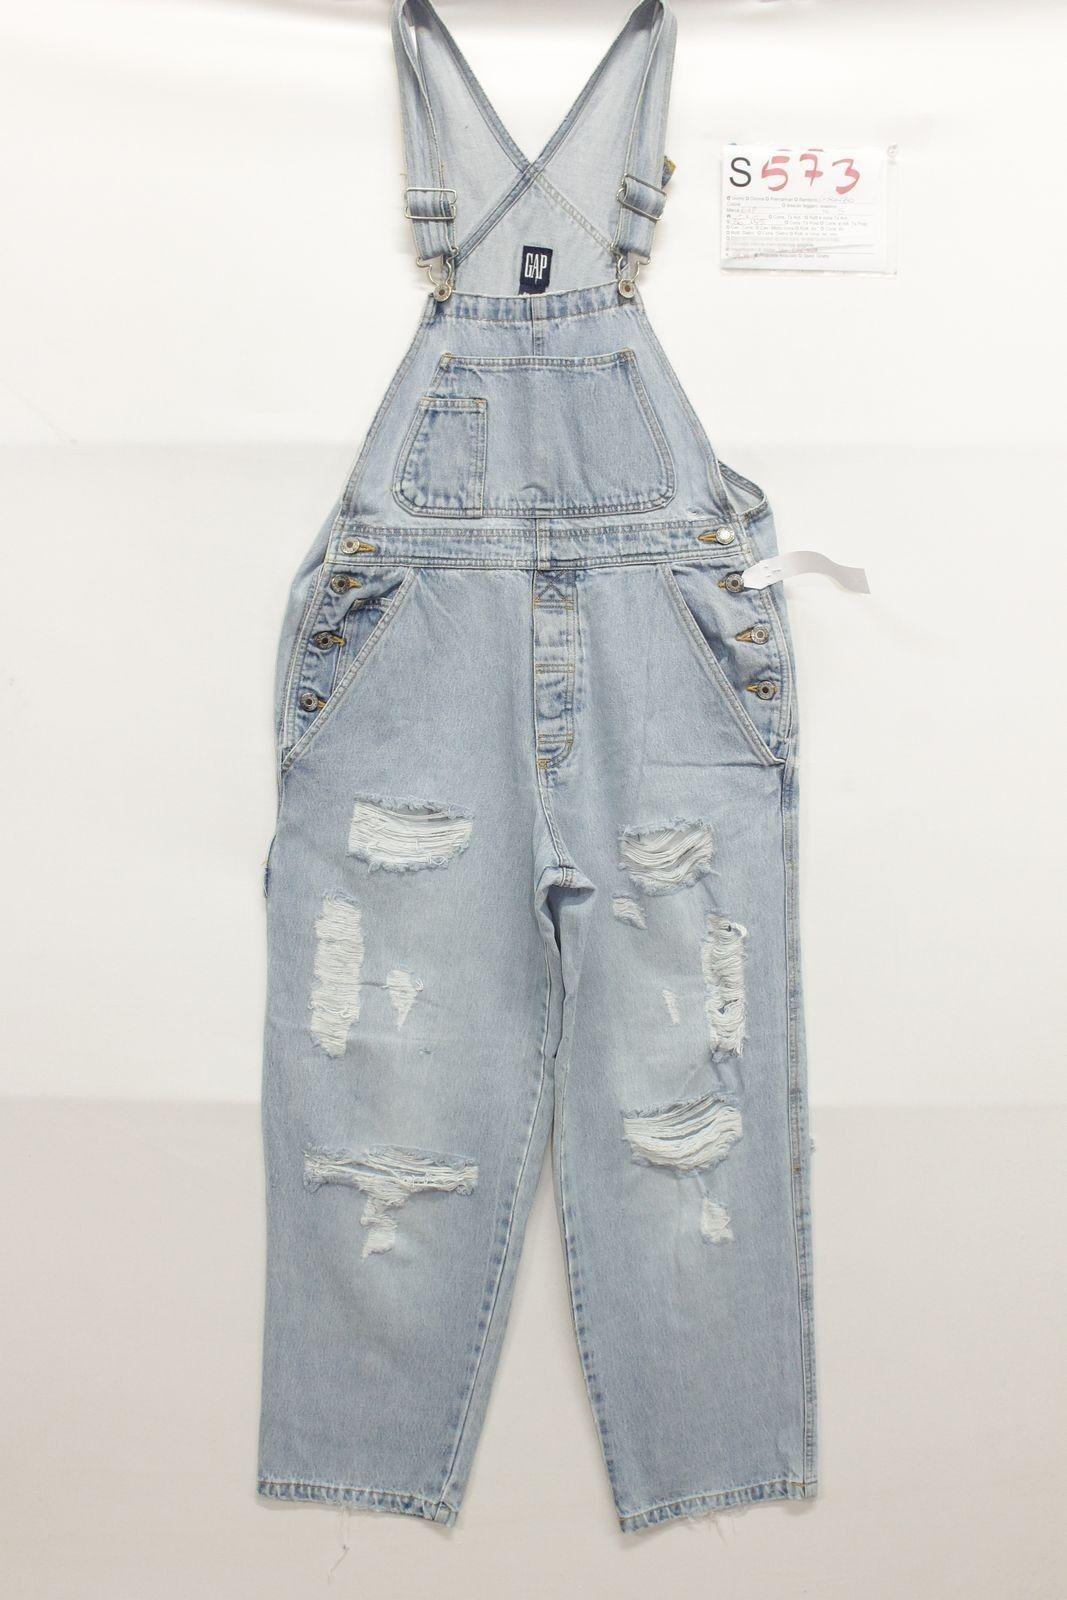 Salopette GAP (Cod.S573) tg S Jeans usato vintage Original Work Pant